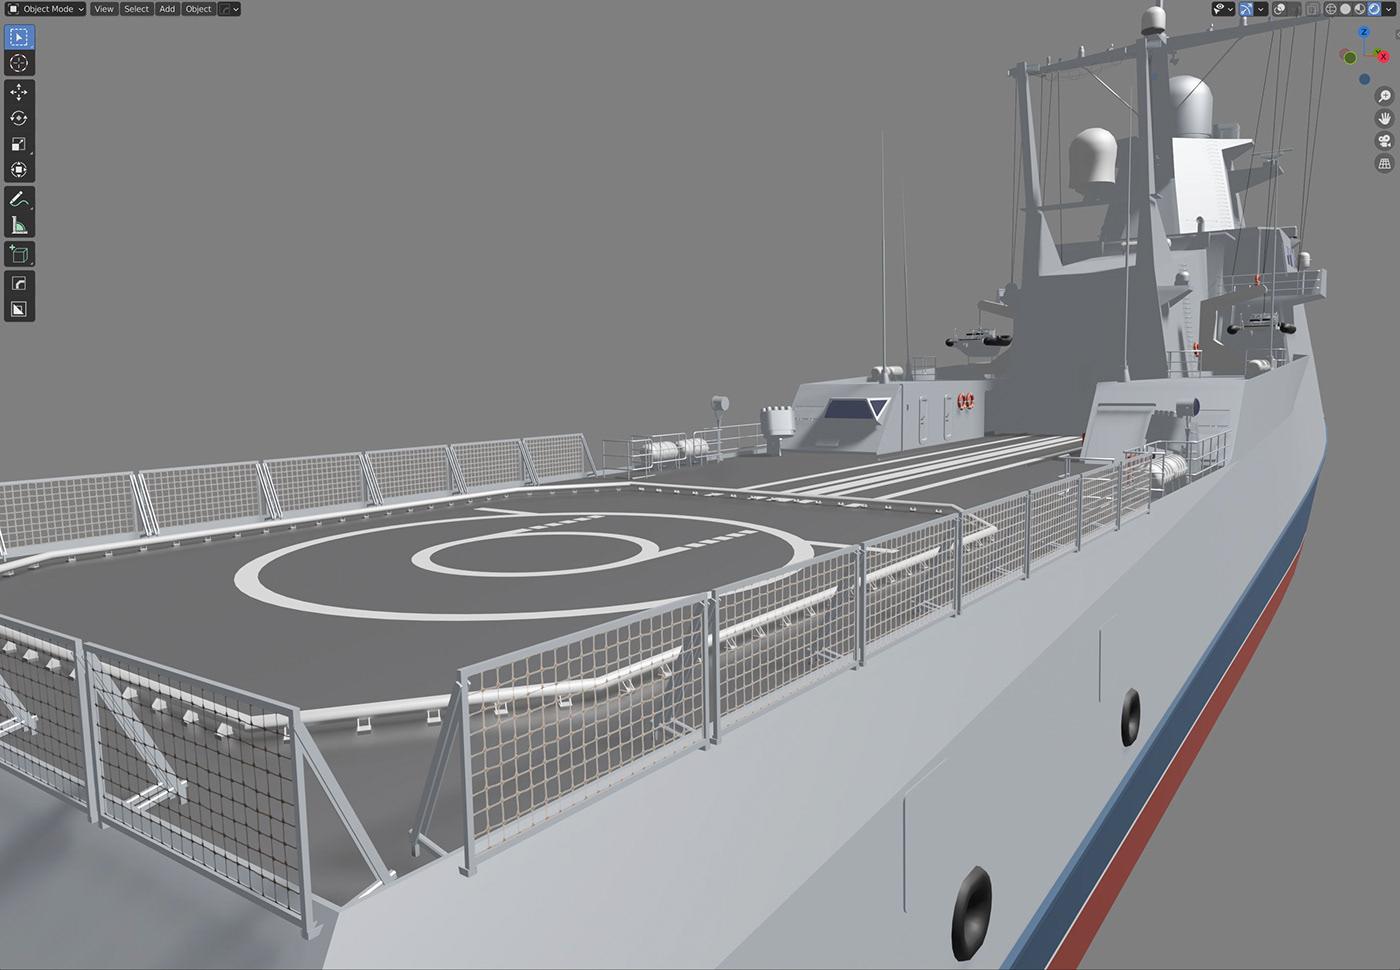 Image may contain: ship